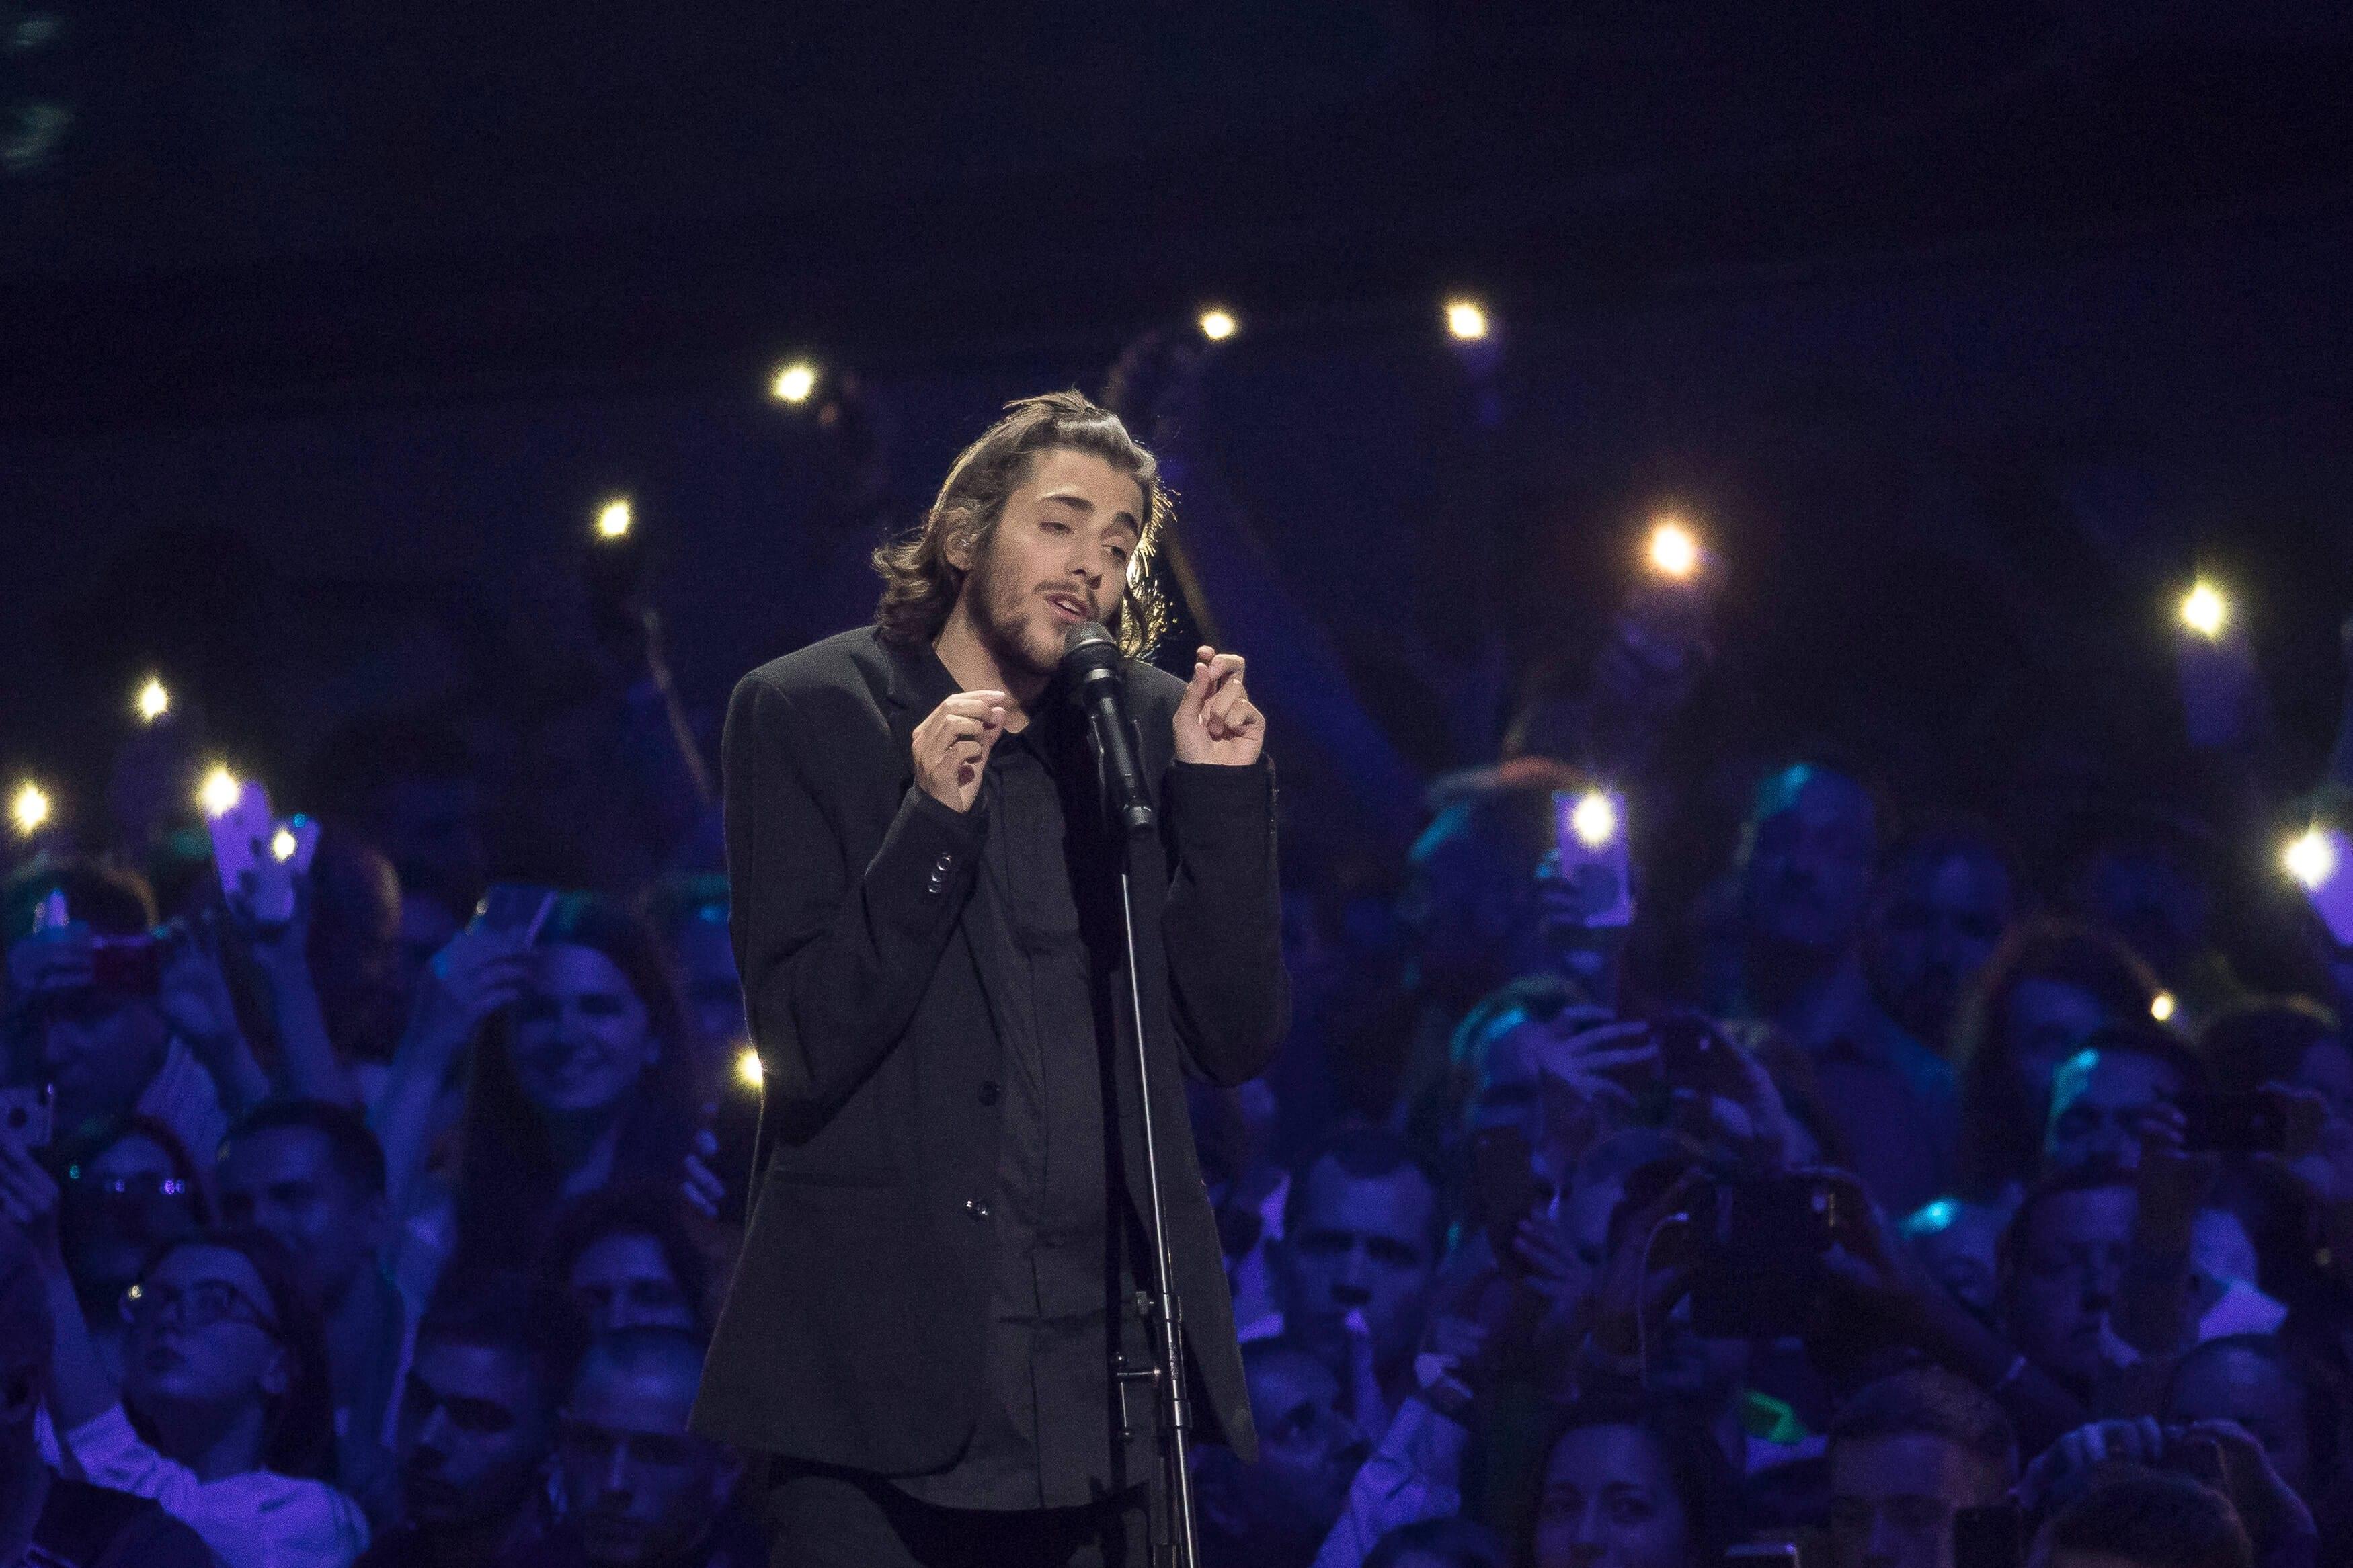 """Þjóðin grét og hló á Twitter yfir Eurovision: """"Hef sjaldan upplifað slíka gæsahúð eða grátið jafn mikið"""""""